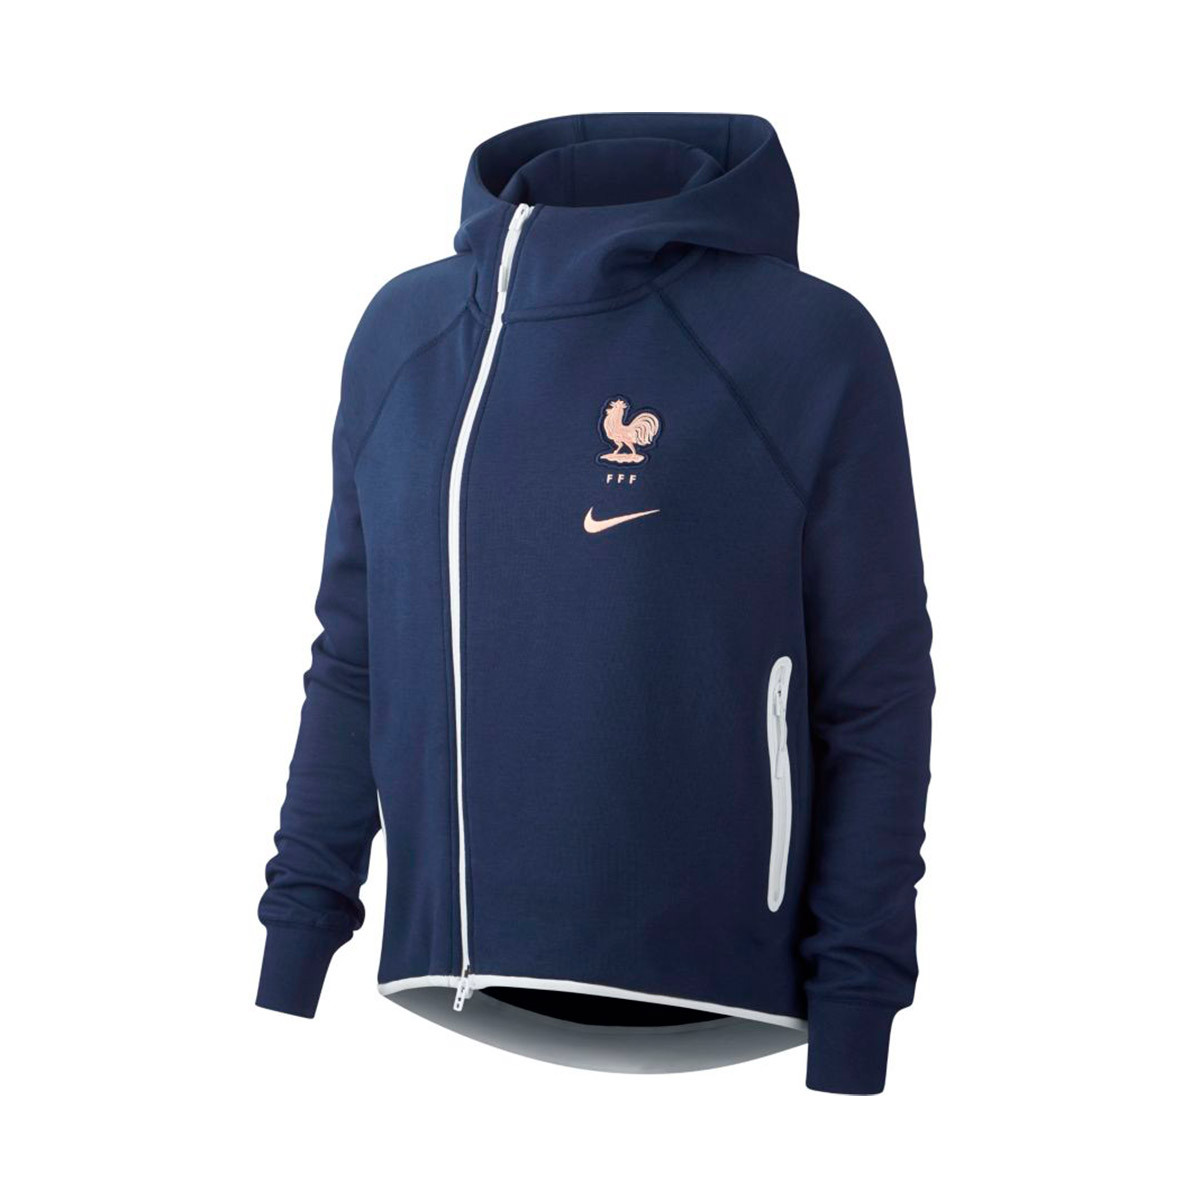 Facturable Desenmarañar Imperialismo  Sudadera Nike Selección Francia NSW Tech Fleece WWC 2019 Mujer Midnight  navy-White - Tienda de fútbol Fútbol Emotion